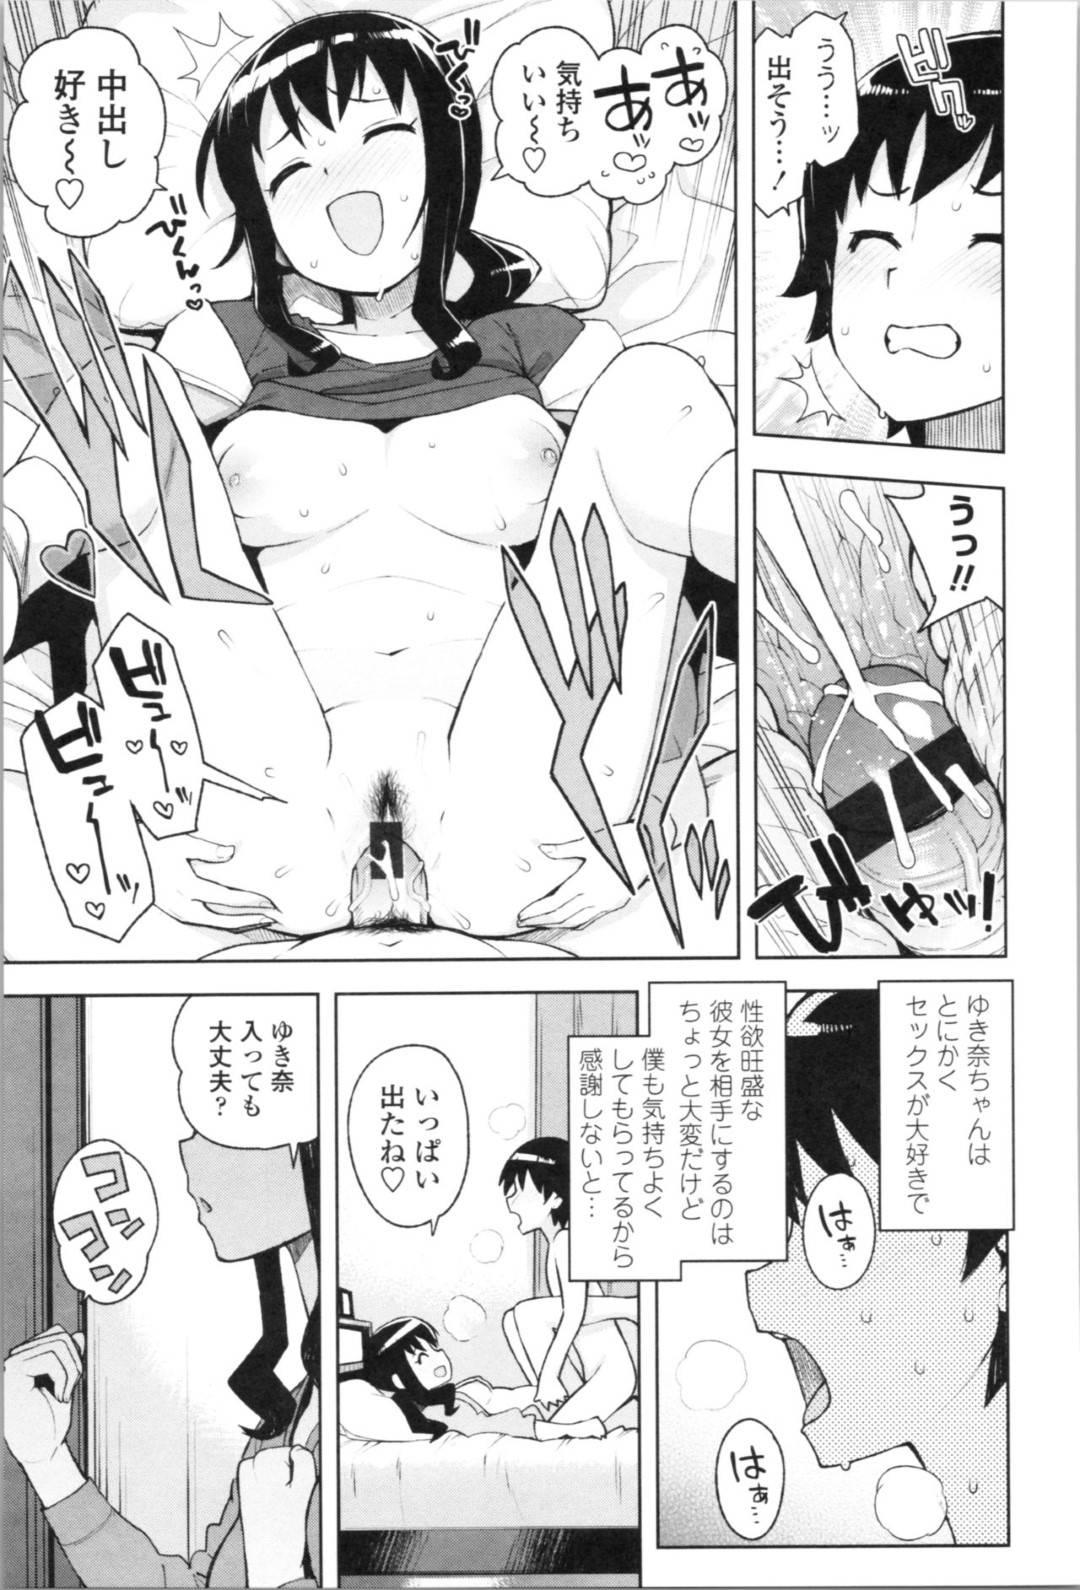 【エロ漫画】友人とセックスしているところを見られた事がきっかけでその友人の母とセックスする事になった主人公。部屋で二人きりになって発情した彼女は戸惑う彼にムチムチボディで誘惑し、尻を突き出してフェラし、中出しセックスまでおねだりする!